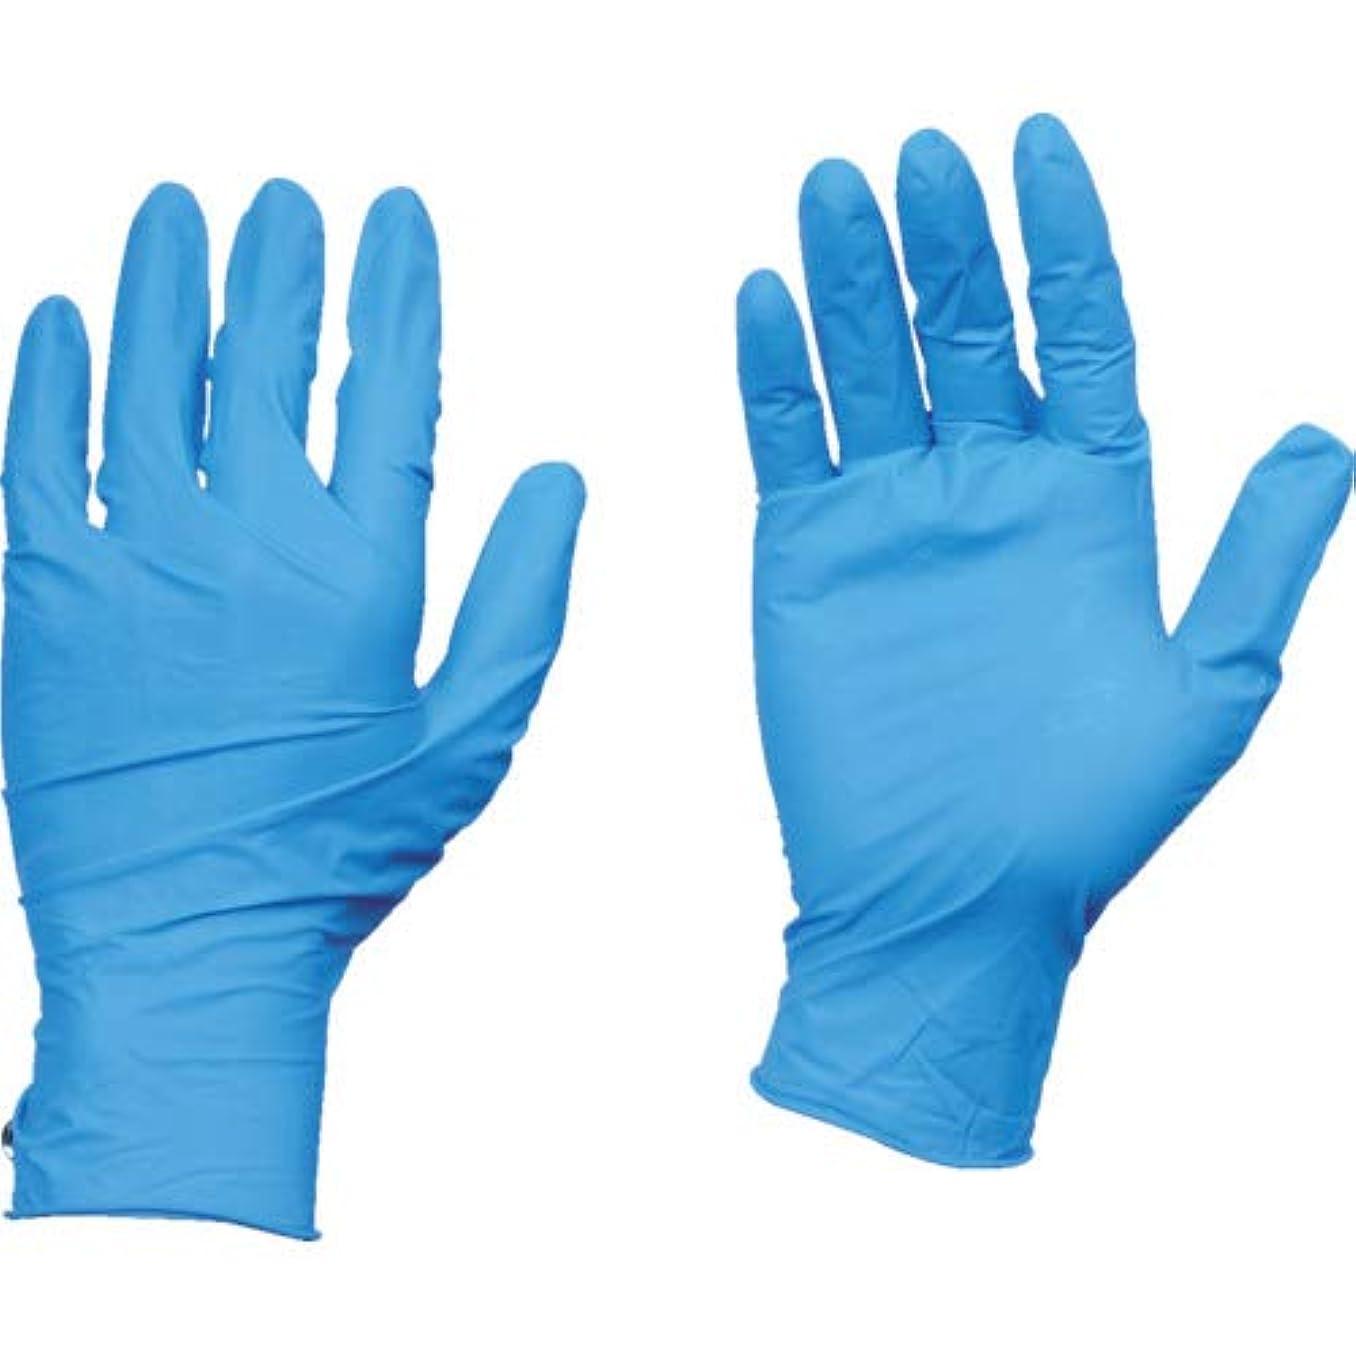 パイ思い出す木TRUSCO(トラスコ) 10箱入り 使い捨て天然ゴム手袋TGワーク 0.10 粉付青L TGPL10BL10C